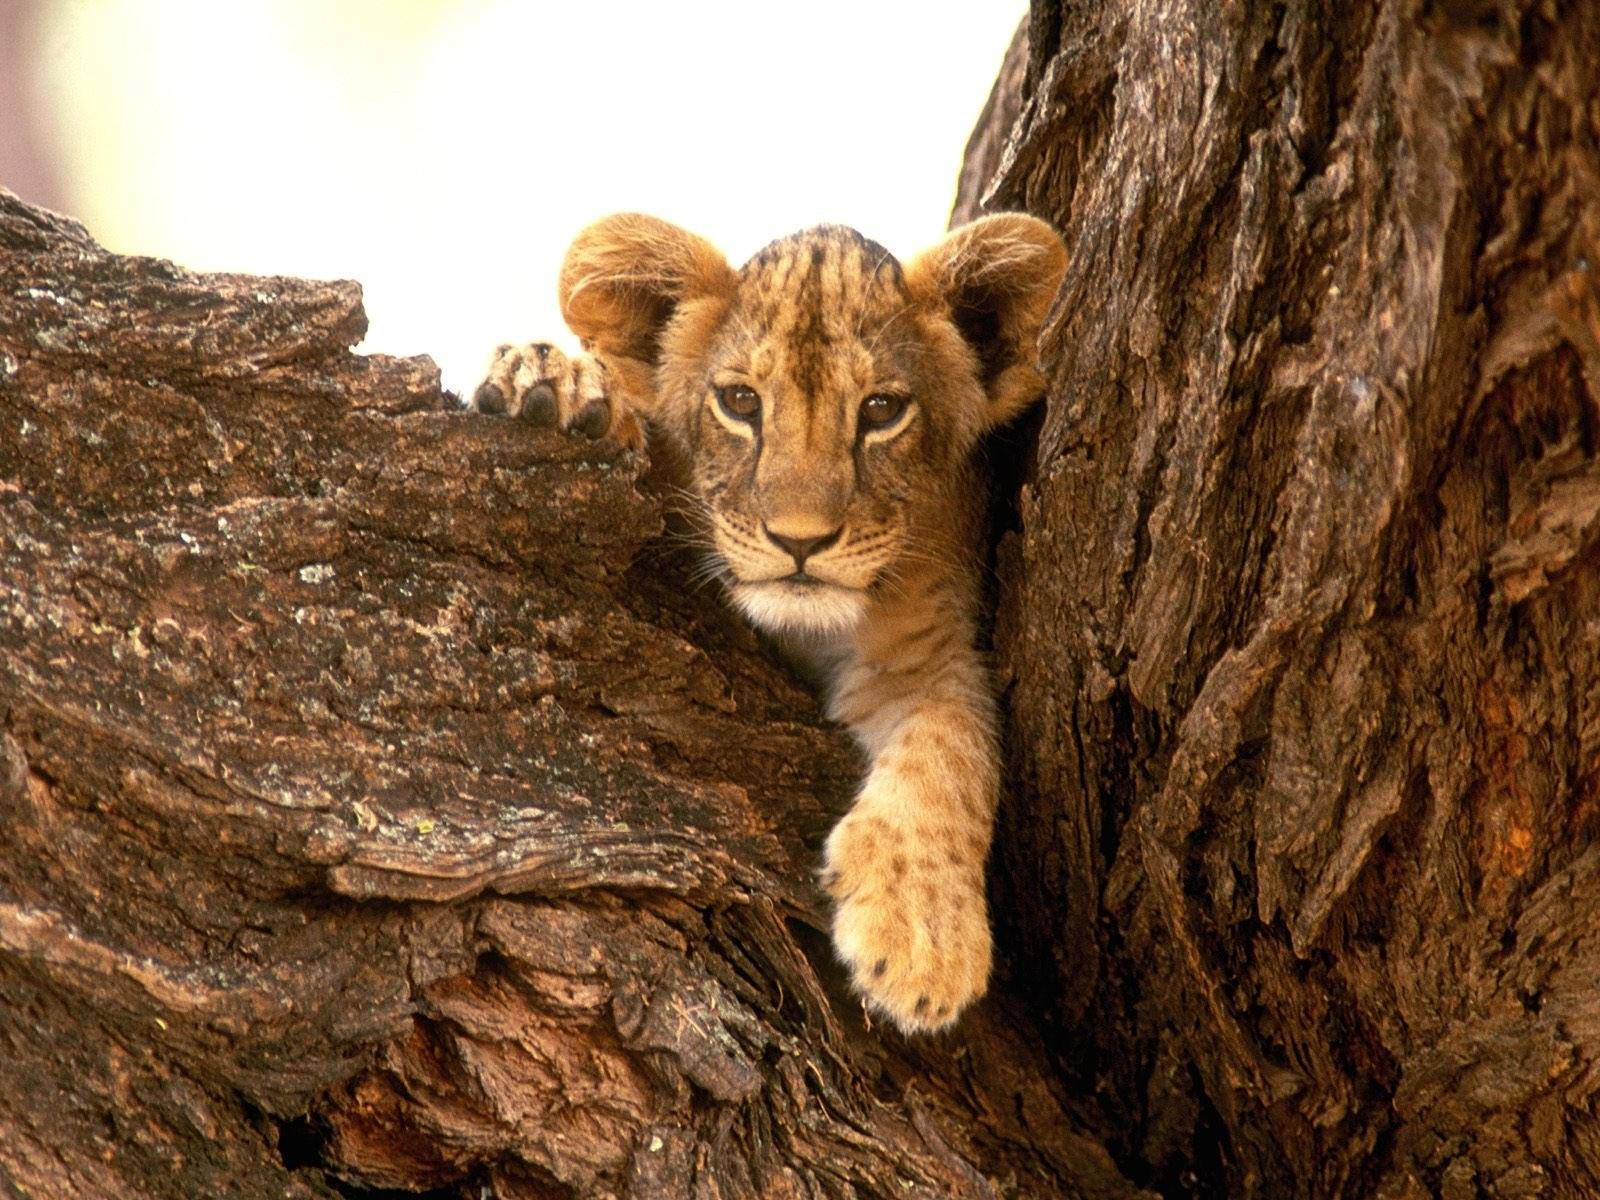 Львёнок в деревьях